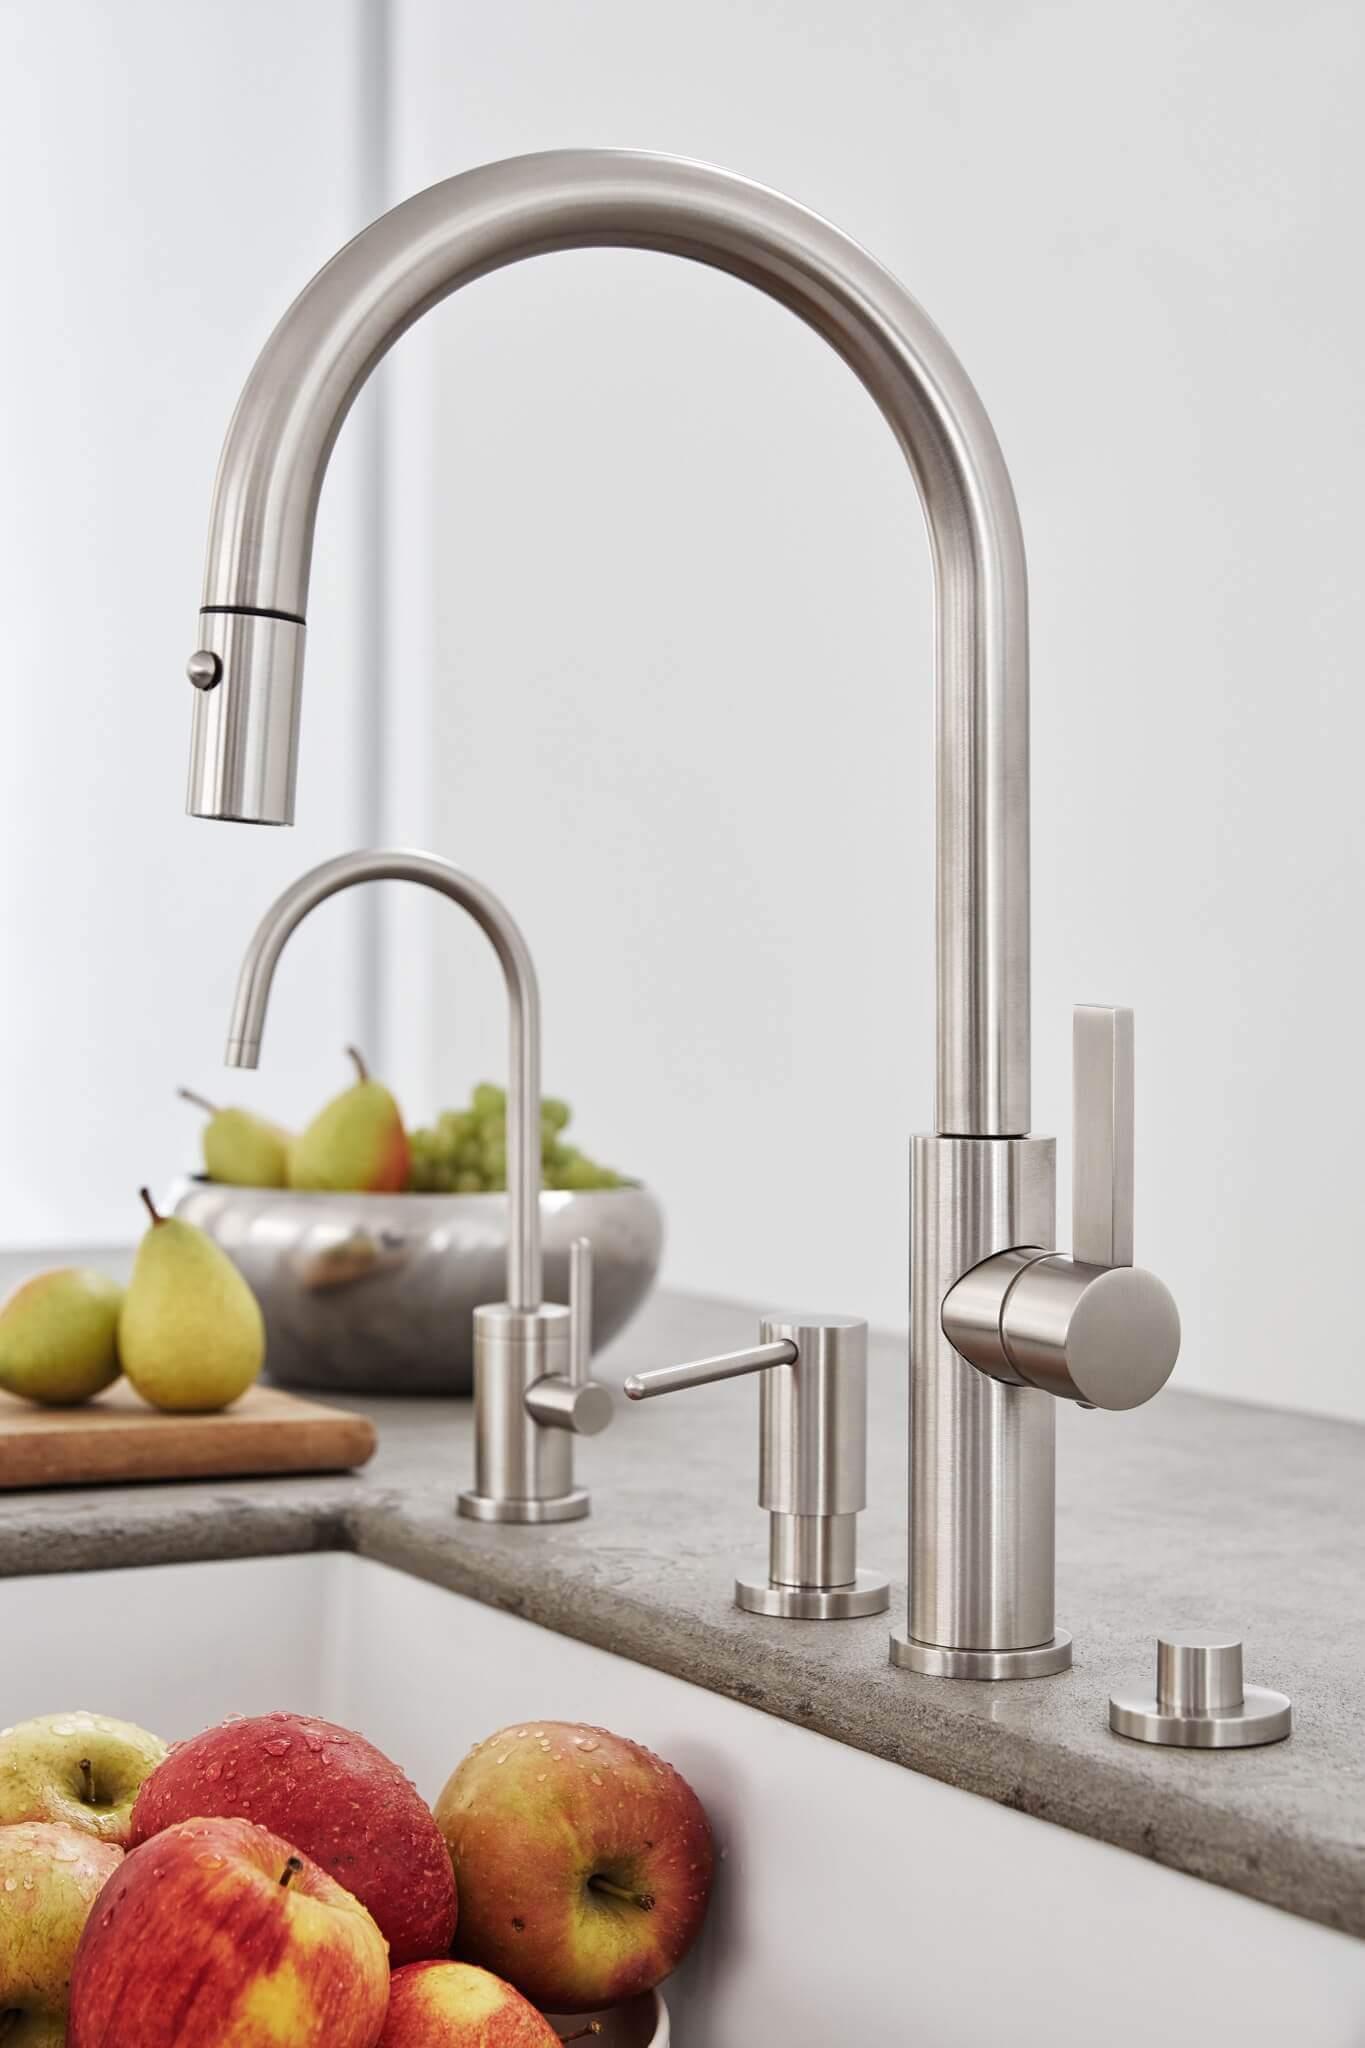 Studio41 Home Design Showroom | Brands |